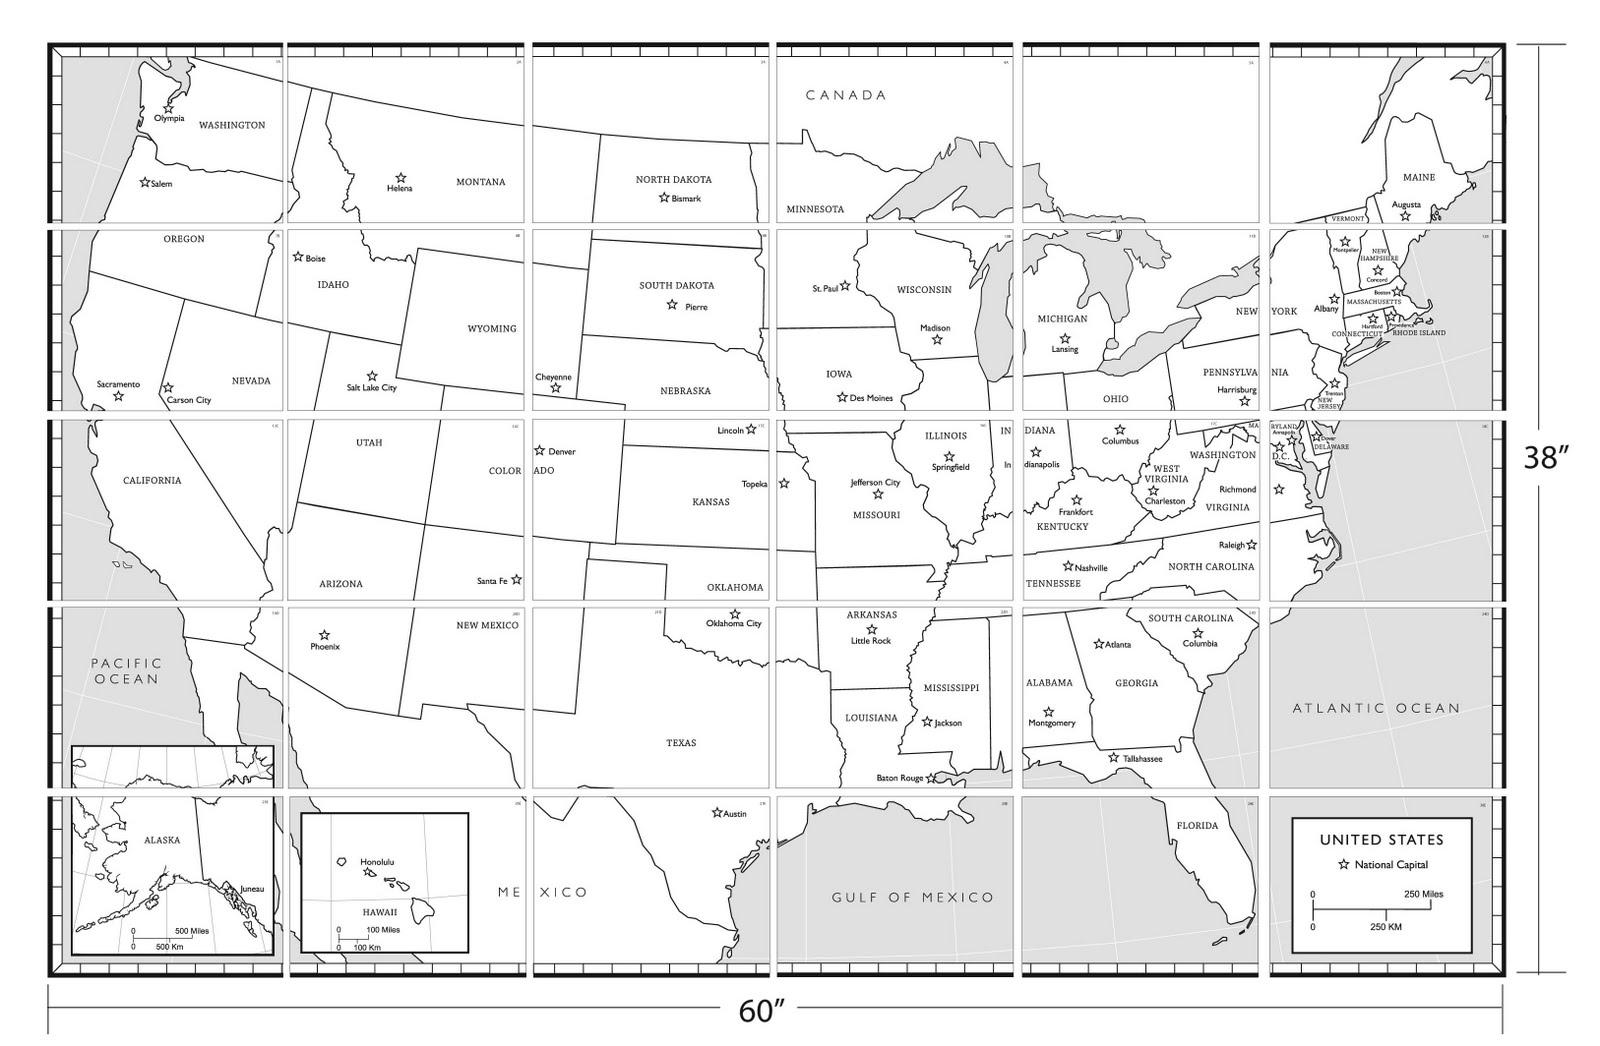 Printable us map